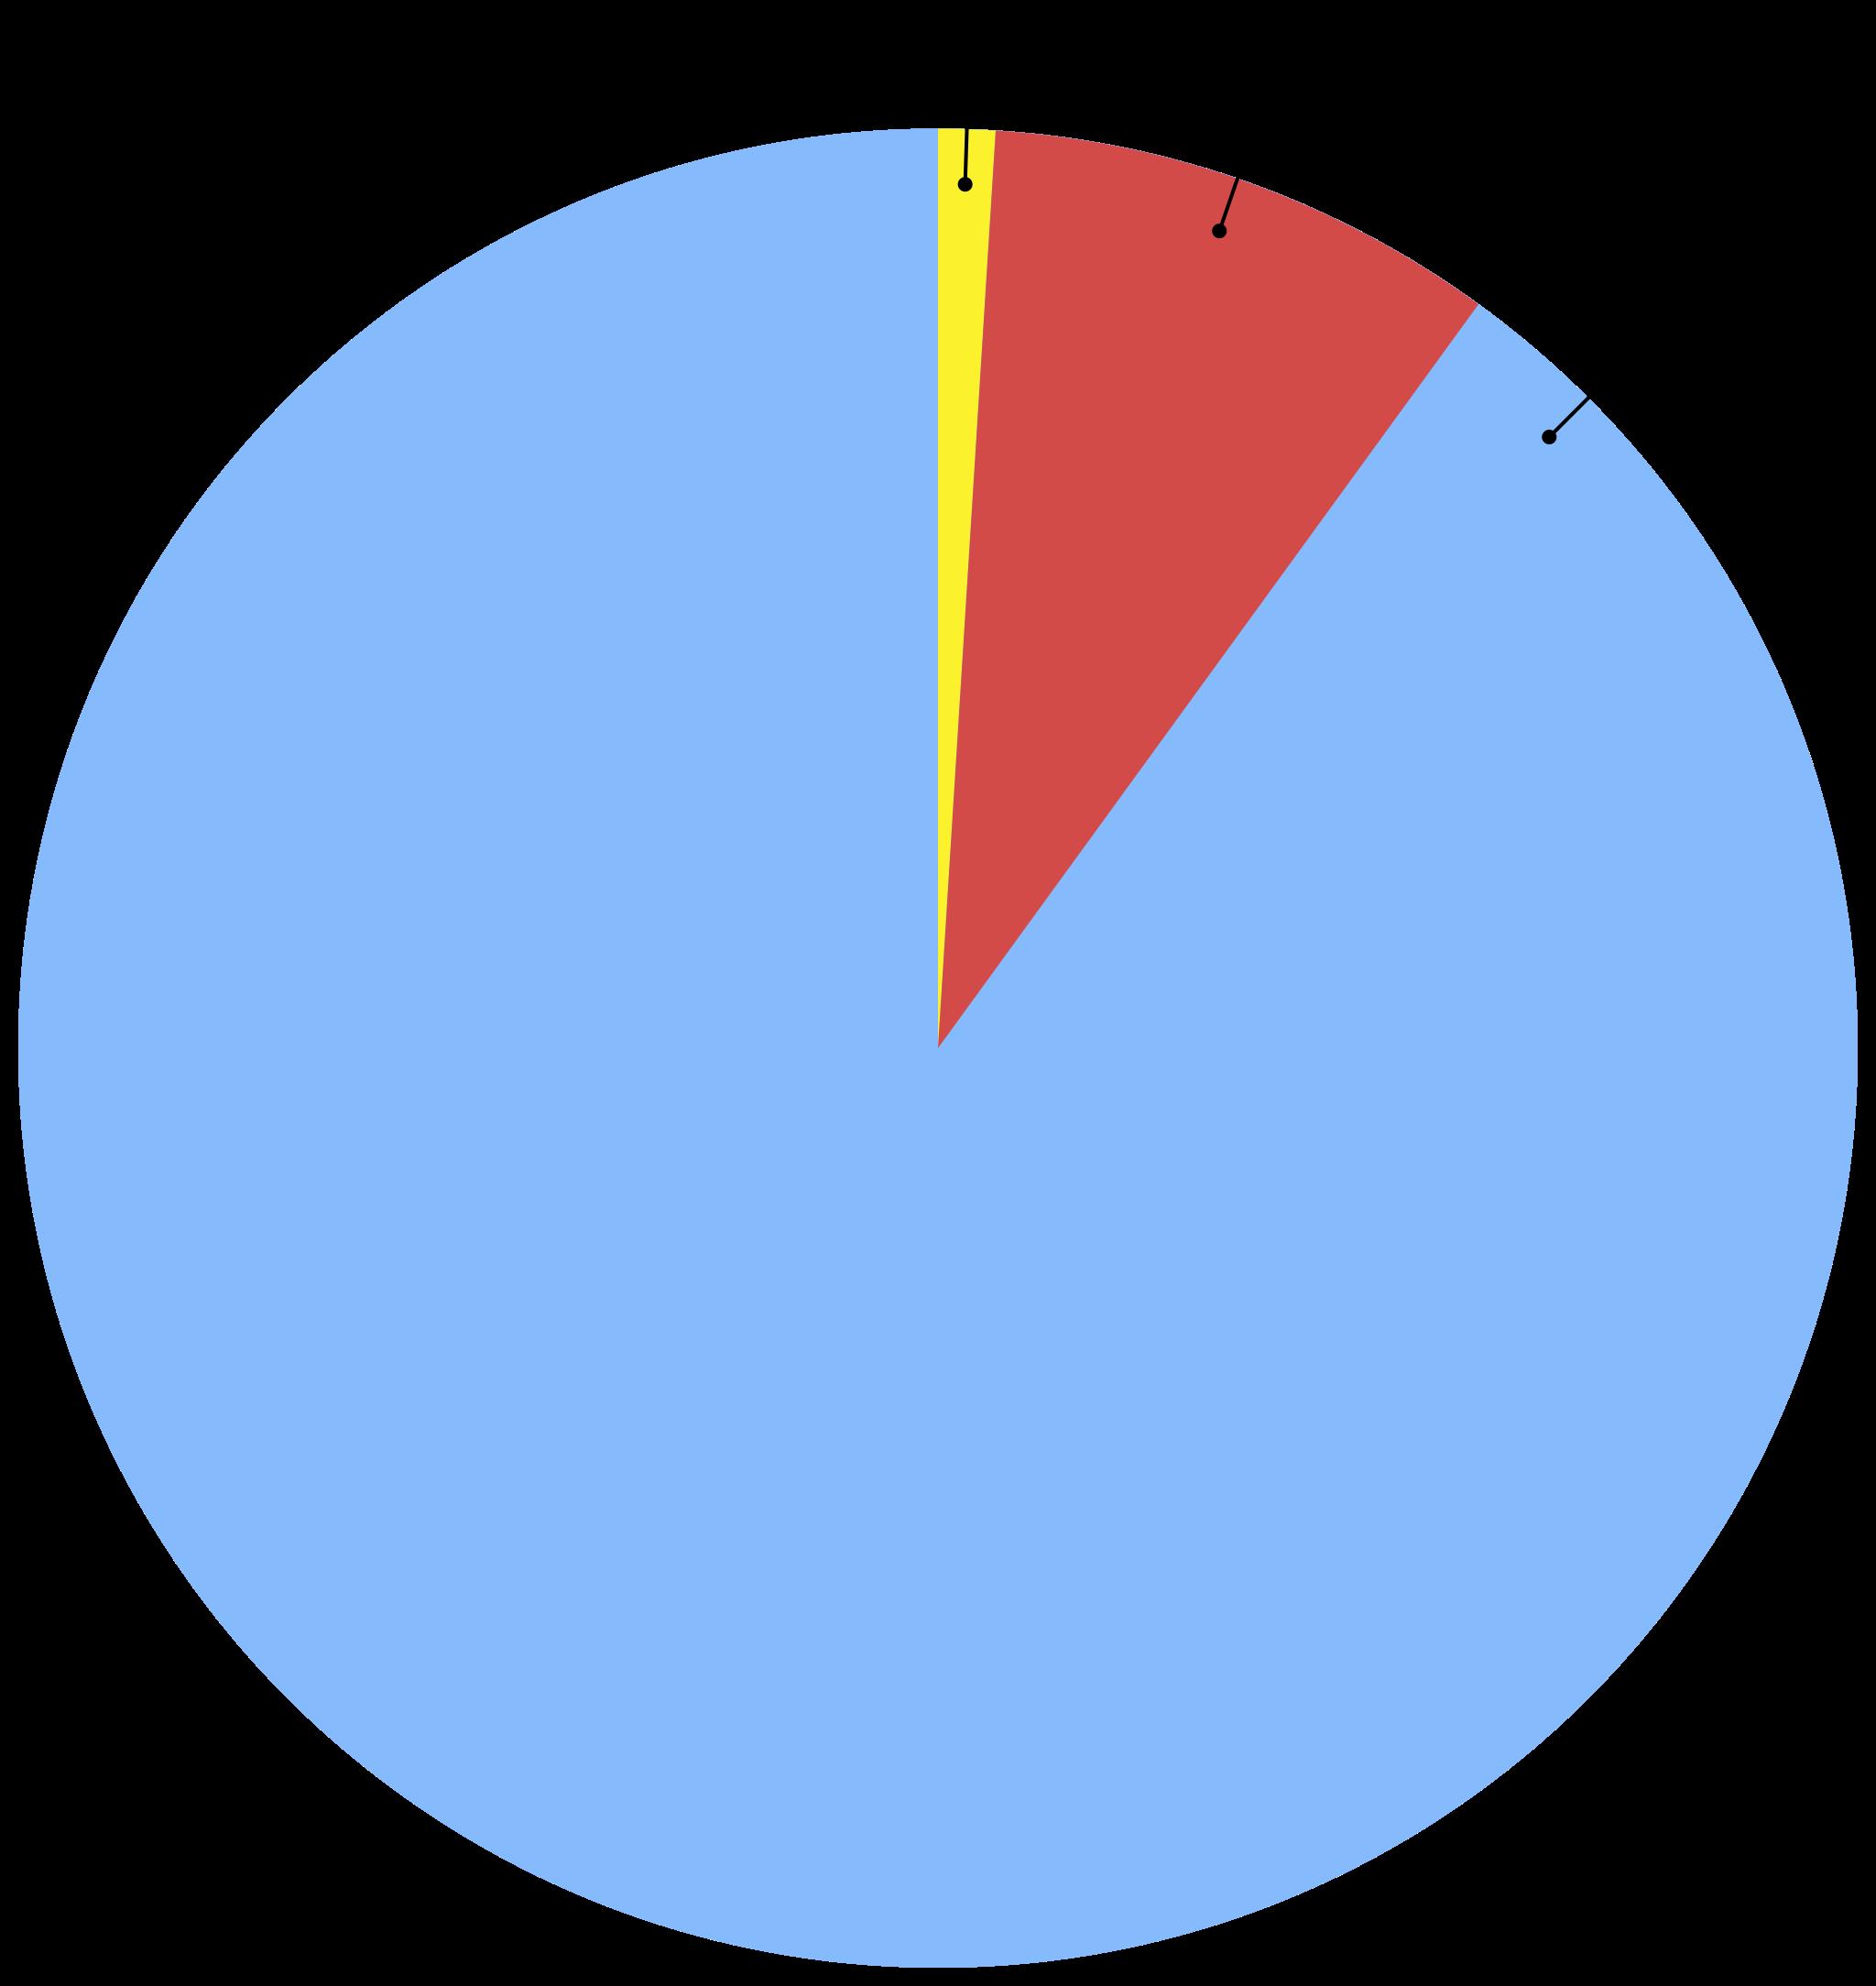 Распределение по правилу одного процента